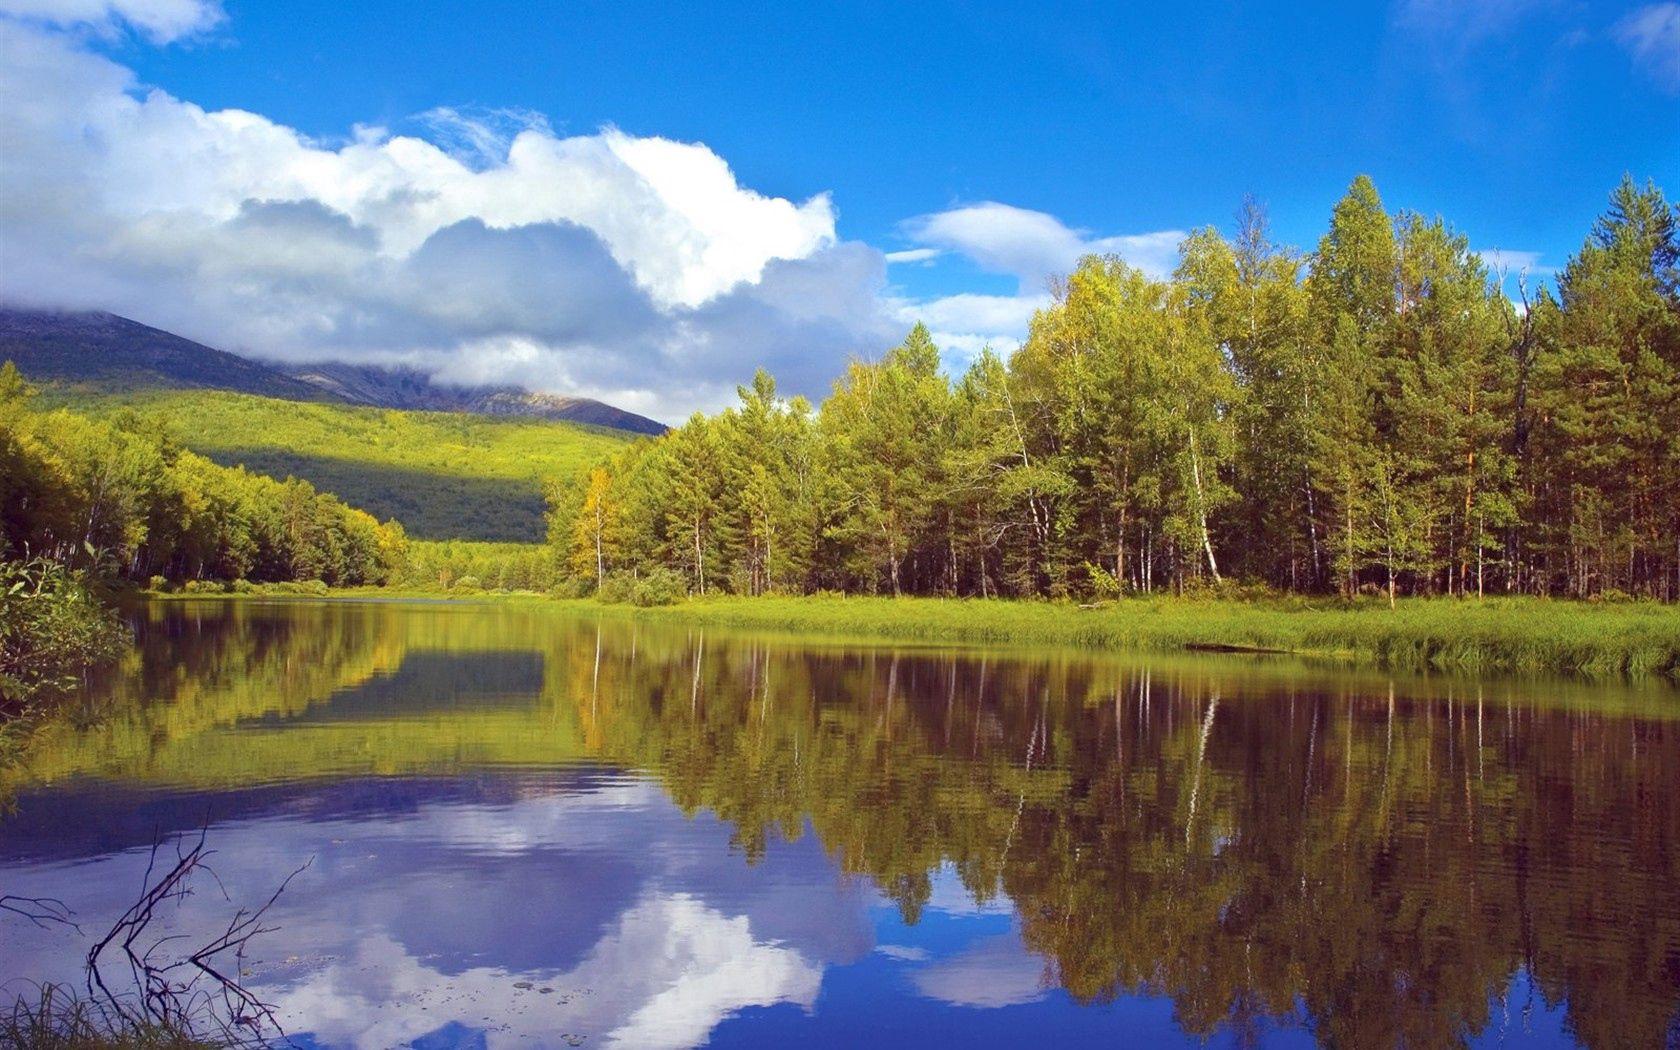 107030 скачать обои Природа, Деревья, Берег, Озеро, Сибирь, Лес, Отражение, Небо, Облака - заставки и картинки бесплатно